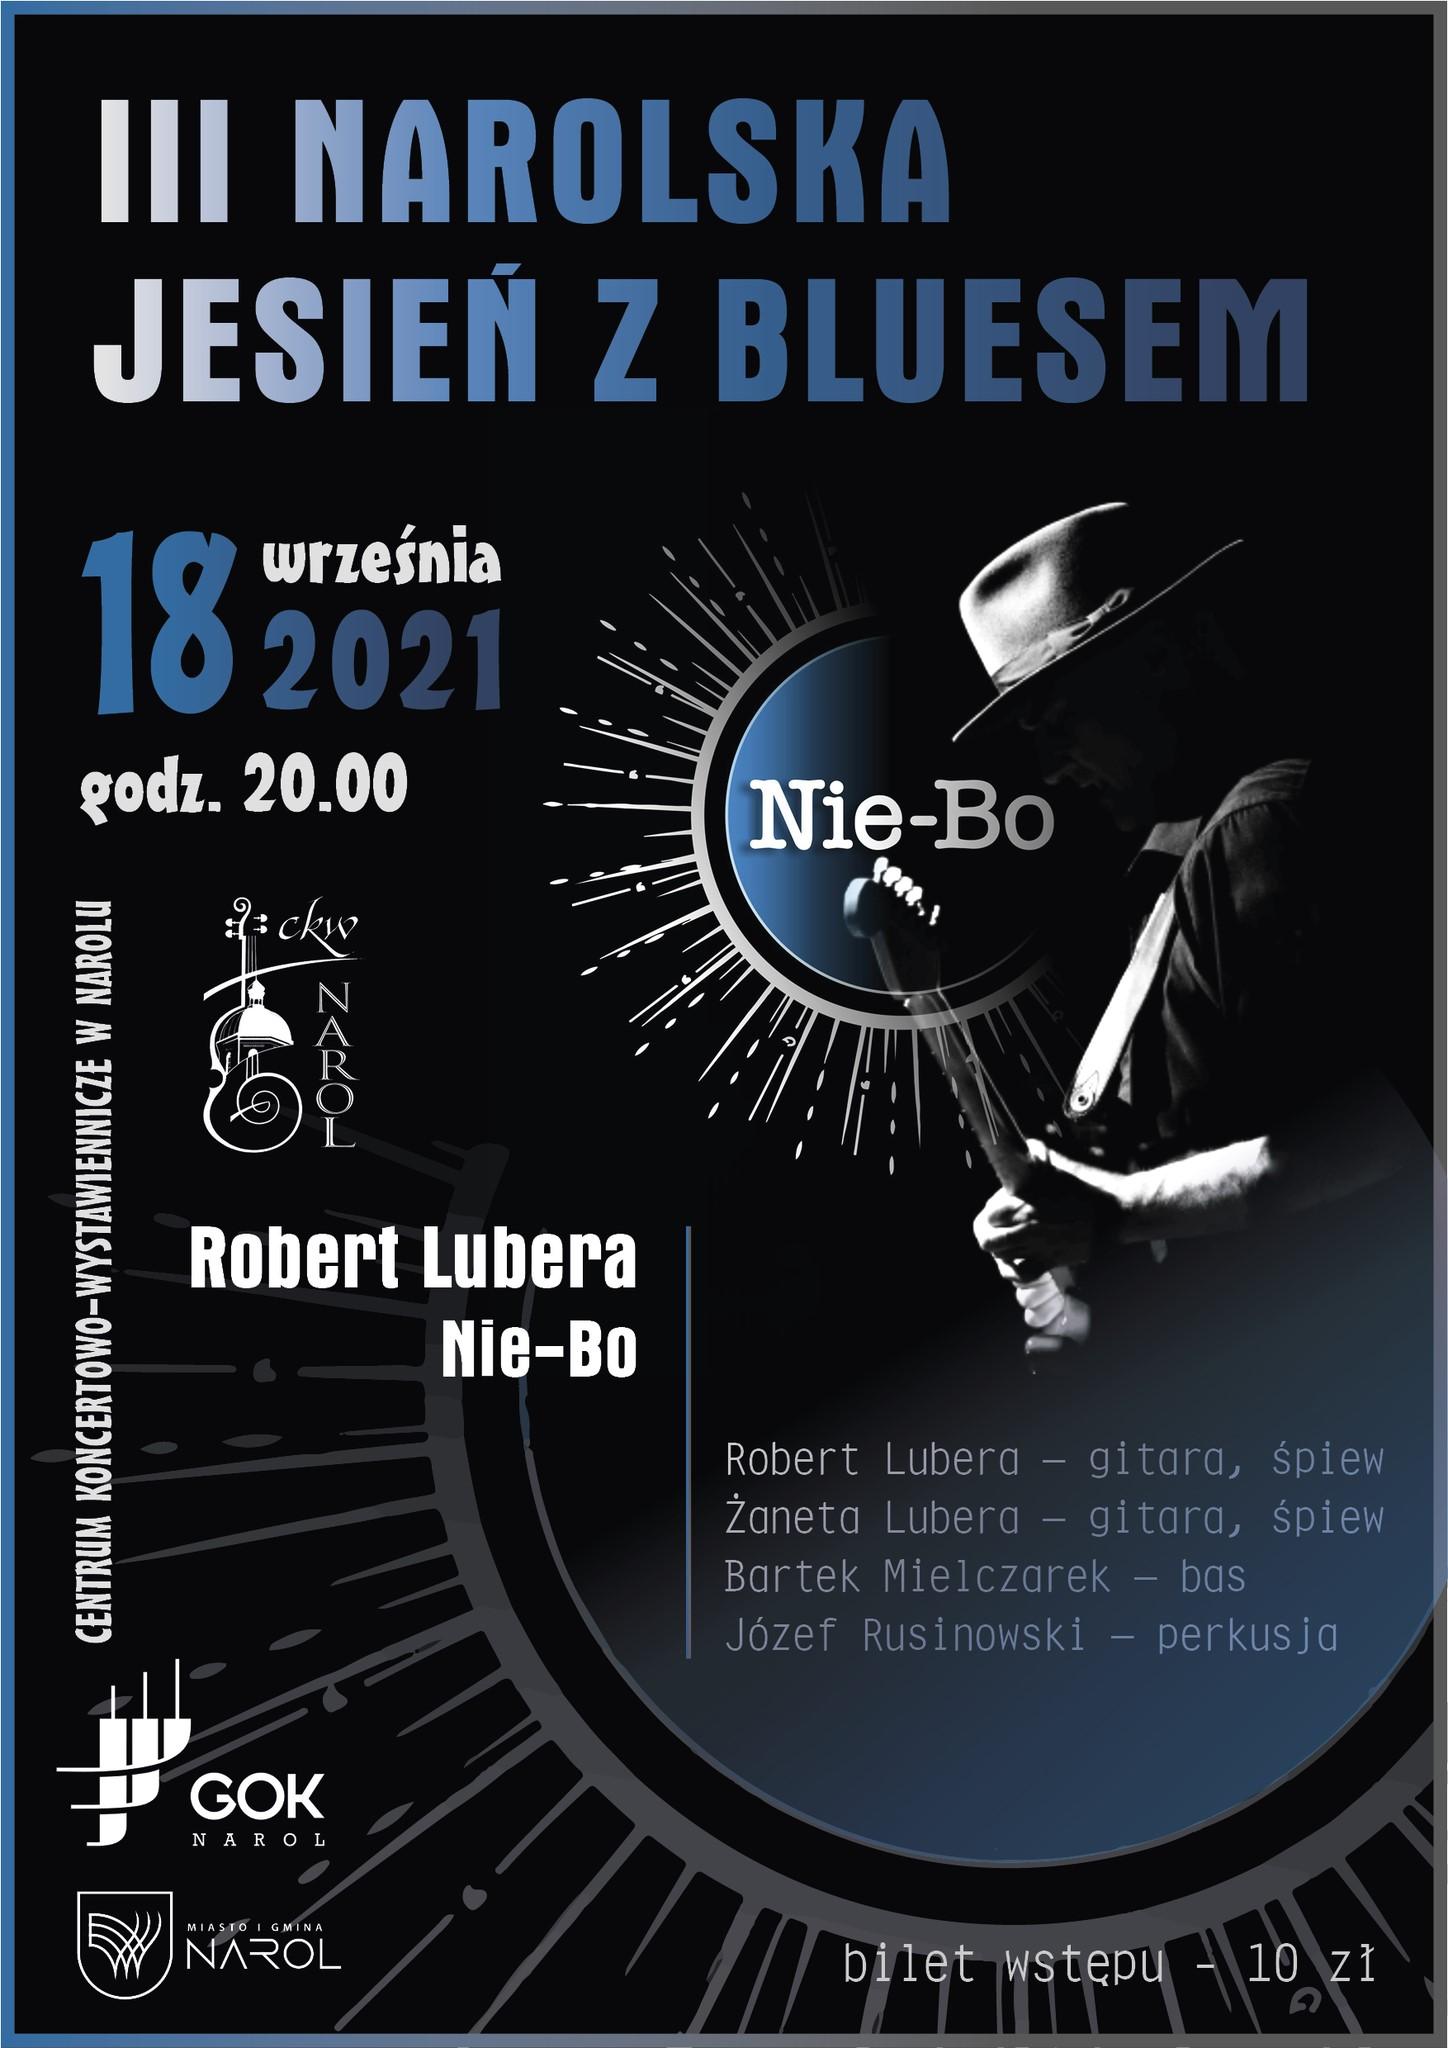 Koncert zepołu  Robert Lubera Nie-Bo